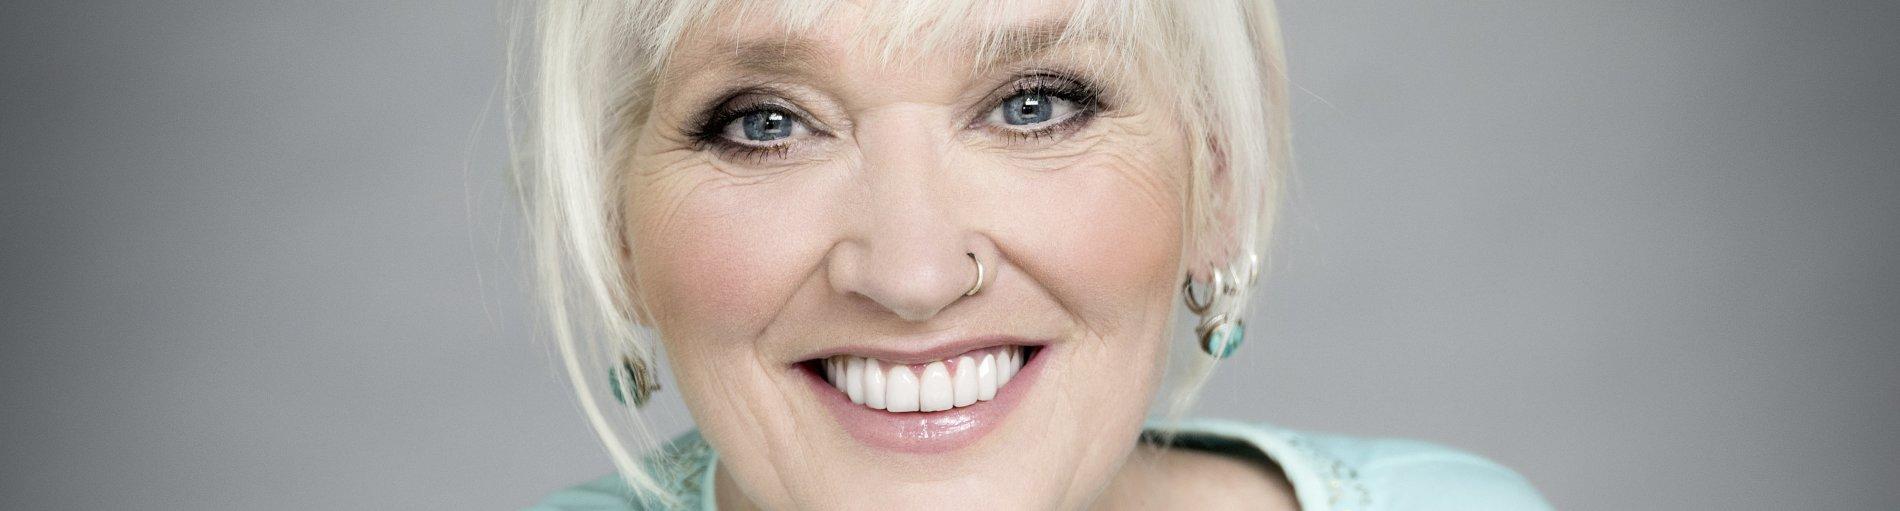 Comedian Gaby Köster blickt freundlich lächelnd in die Kamera.